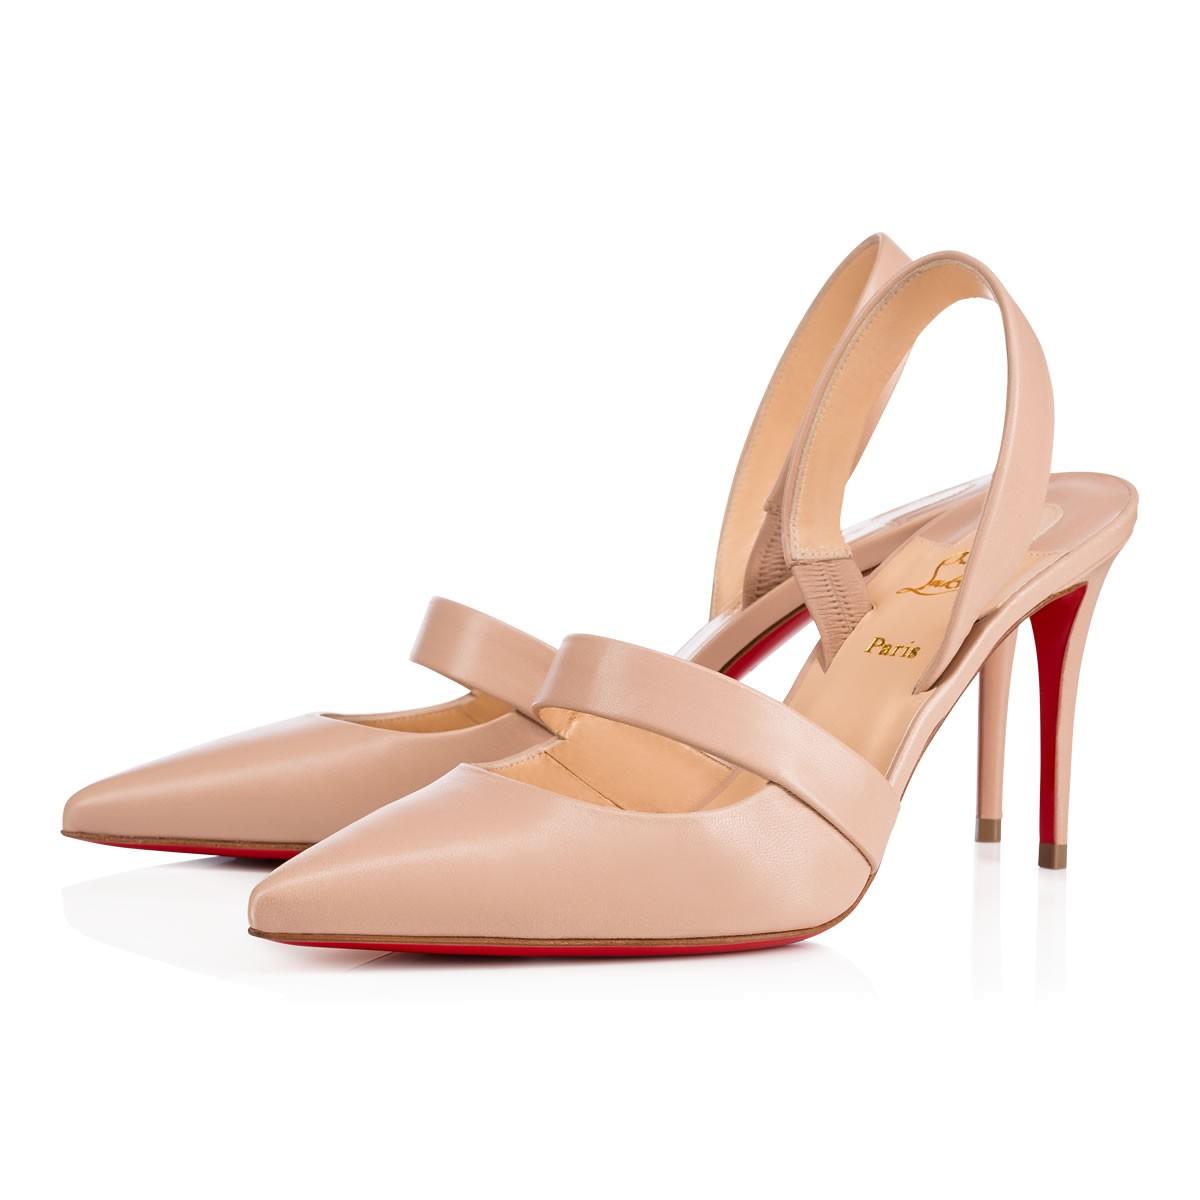 Come-scegliere-le-scarpe-giuste-per-sposarsi-5